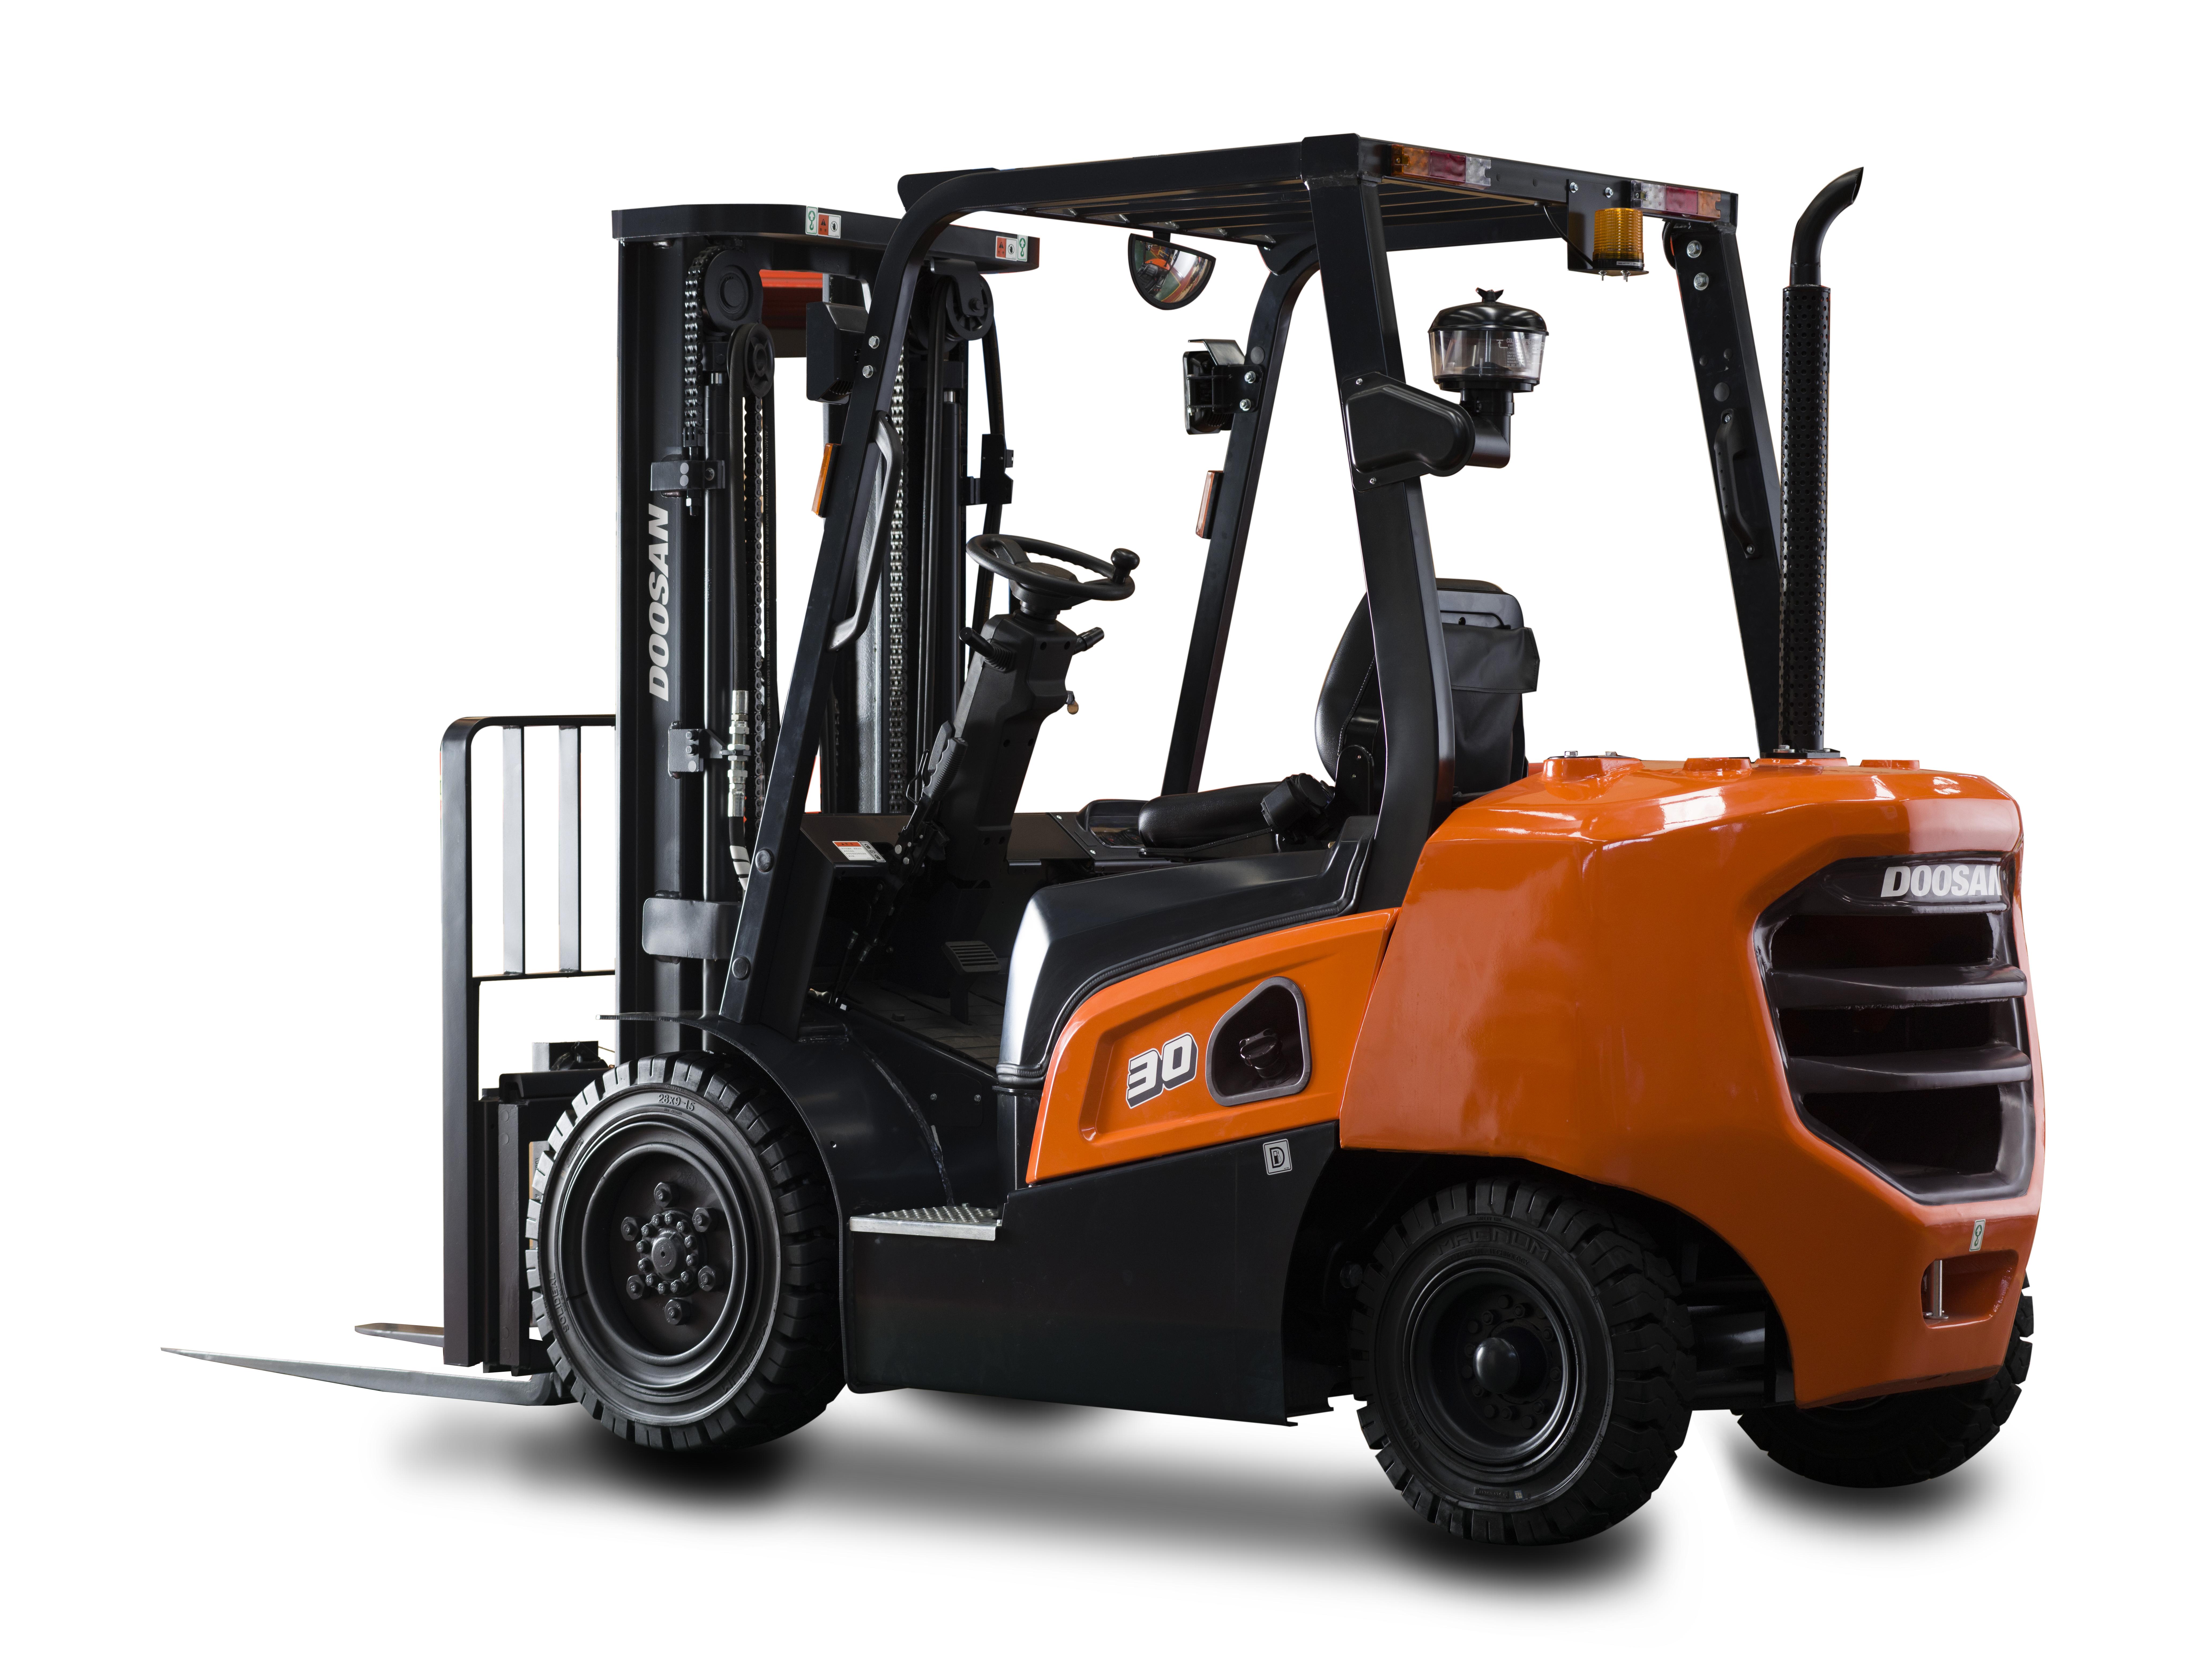 Doosan Dieselgabelstapler D25 NXP